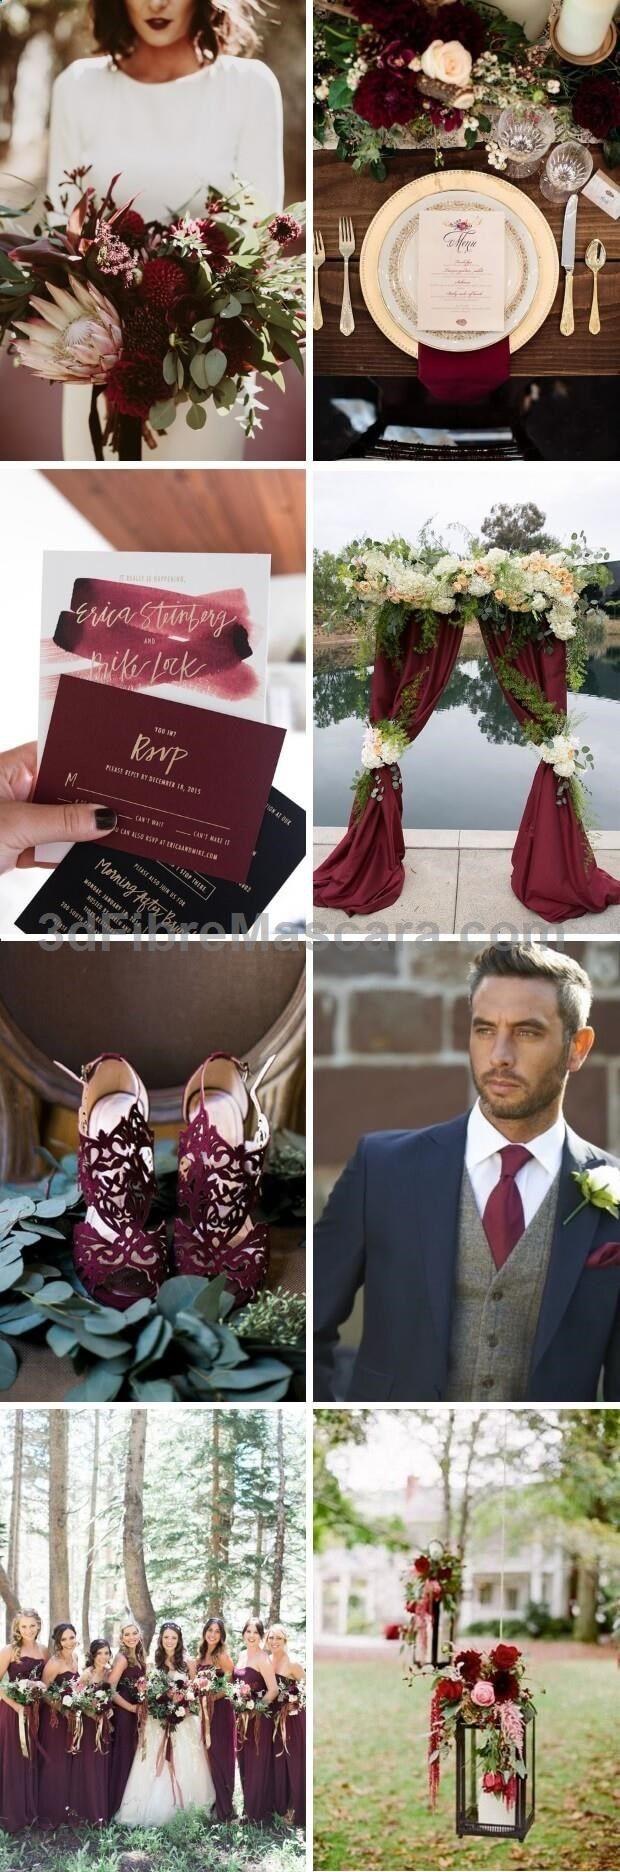 Wedding decorations outdoor october 2018 Love that he is in  colors  Kompozycje kwiatowe  Pinterest